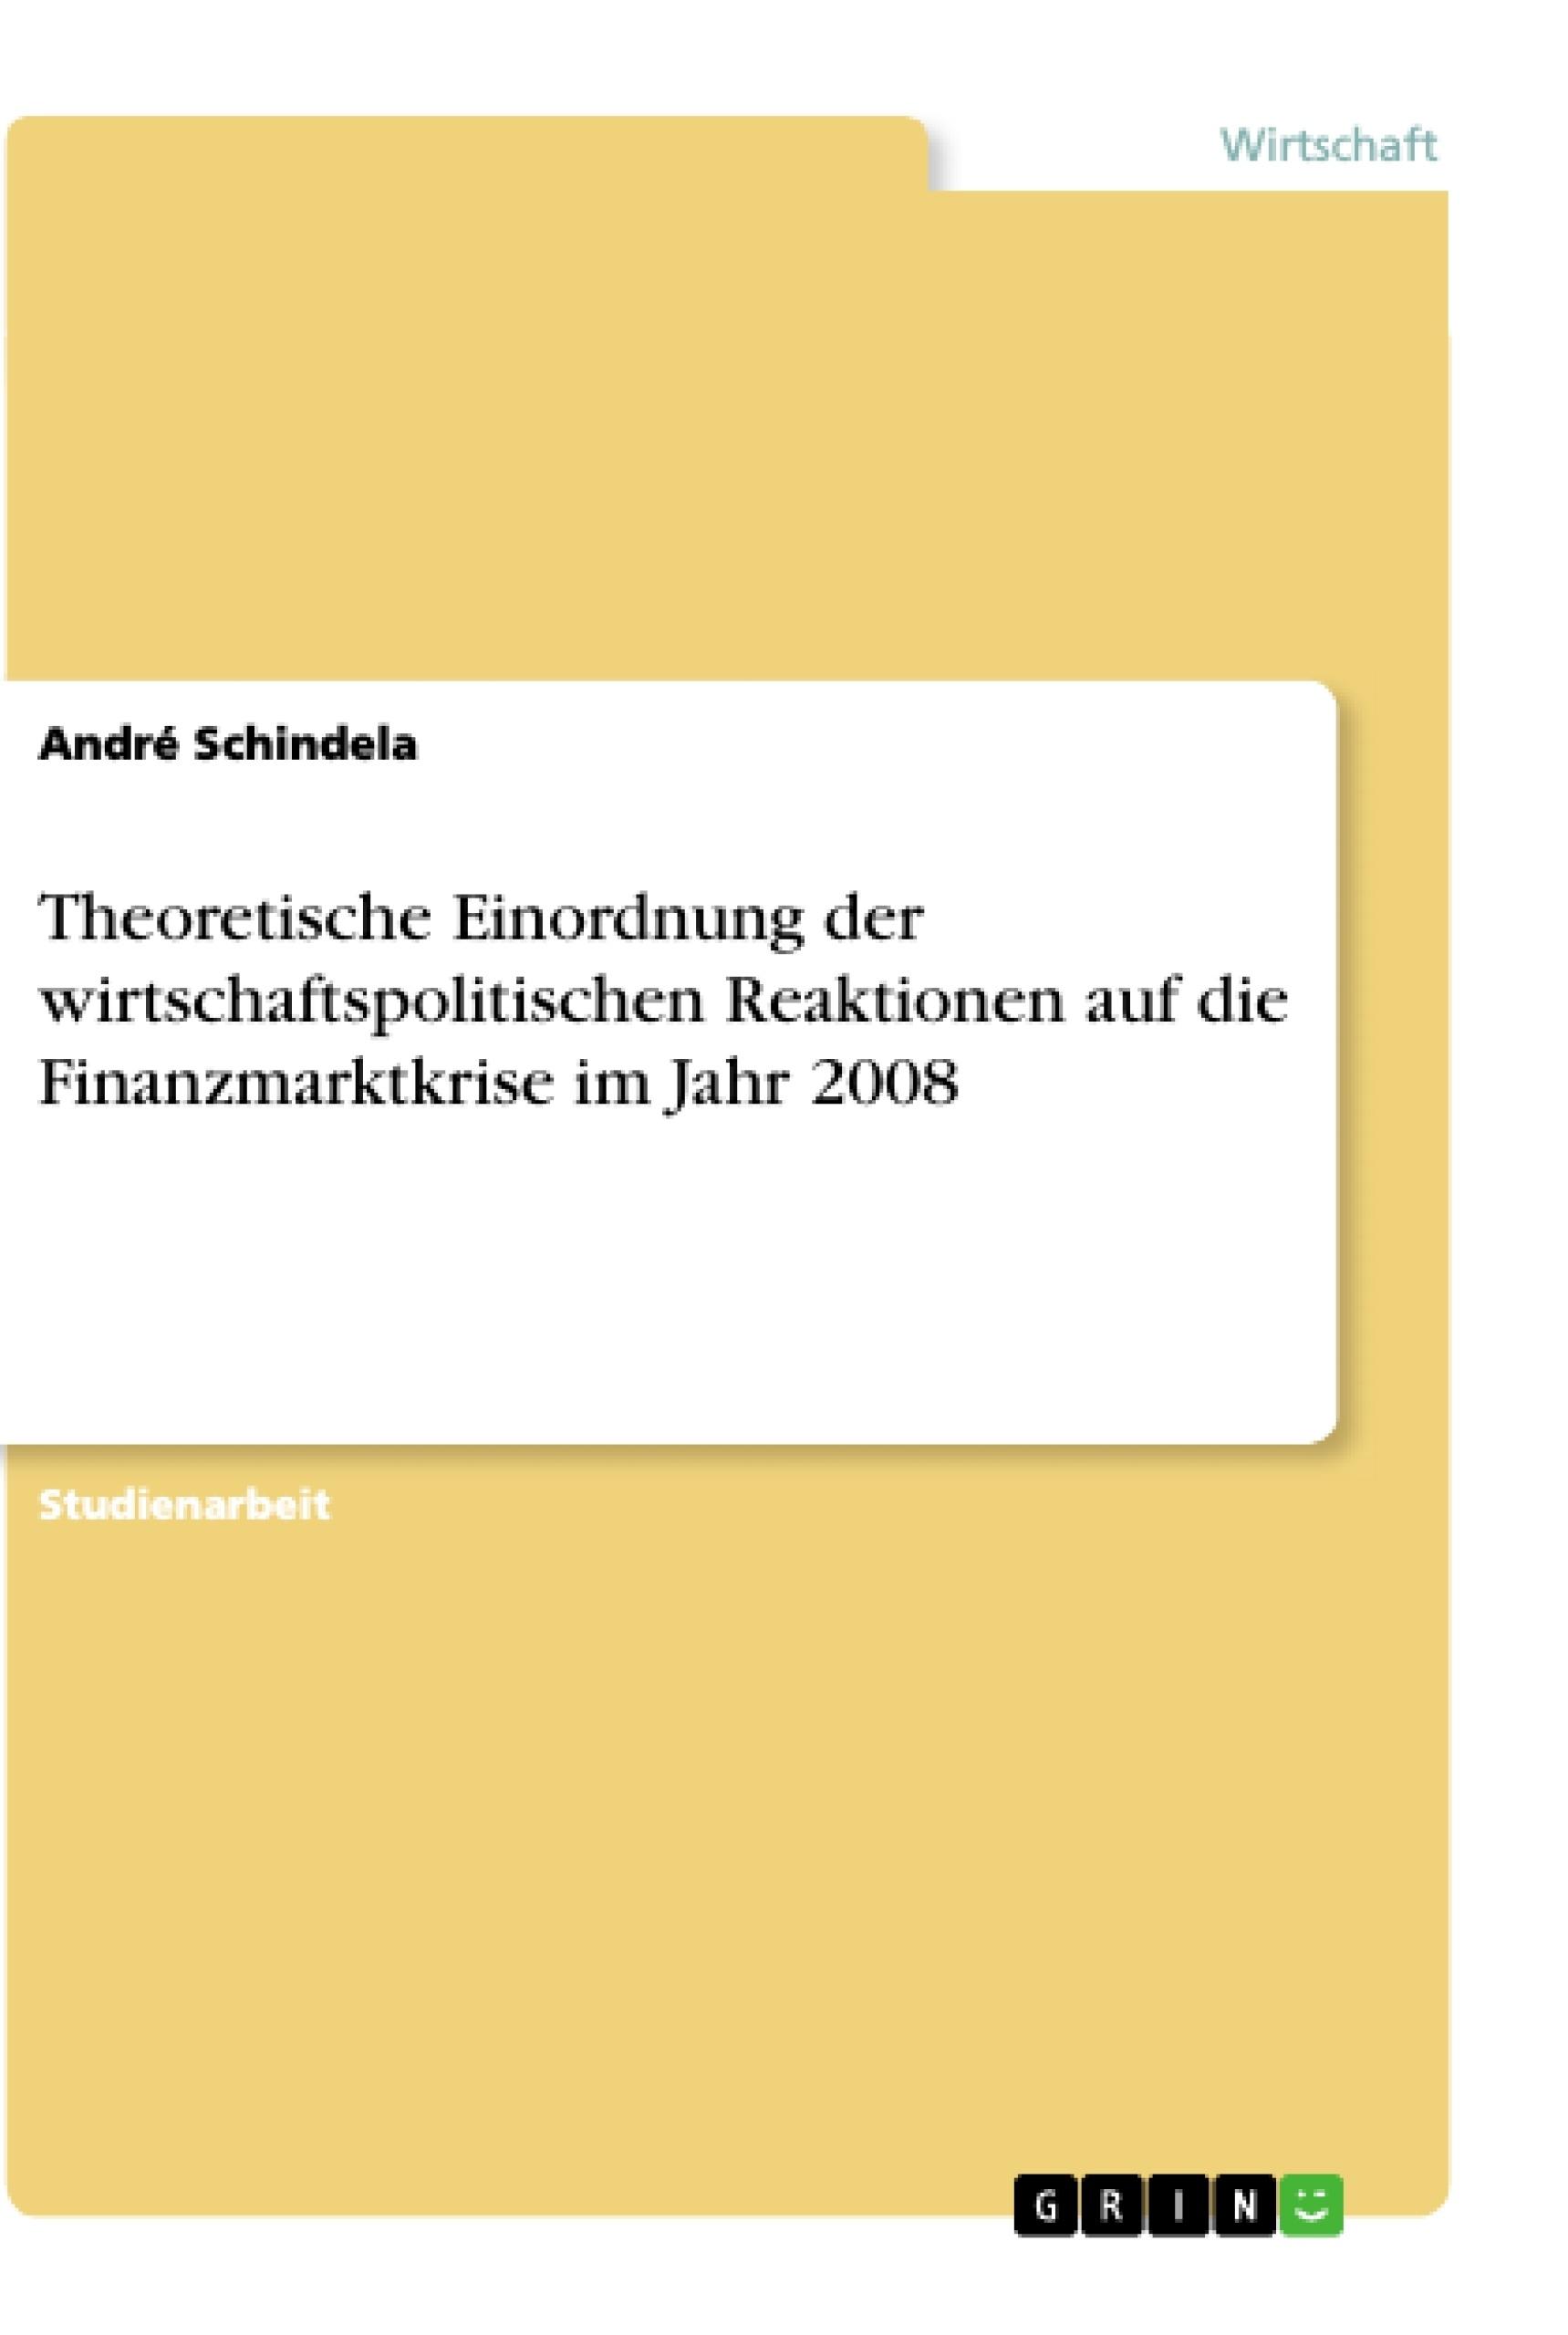 Titel: Theoretische Einordnung der wirtschaftspolitischen Reaktionen auf die Finanzmarktkrise im Jahr 2008